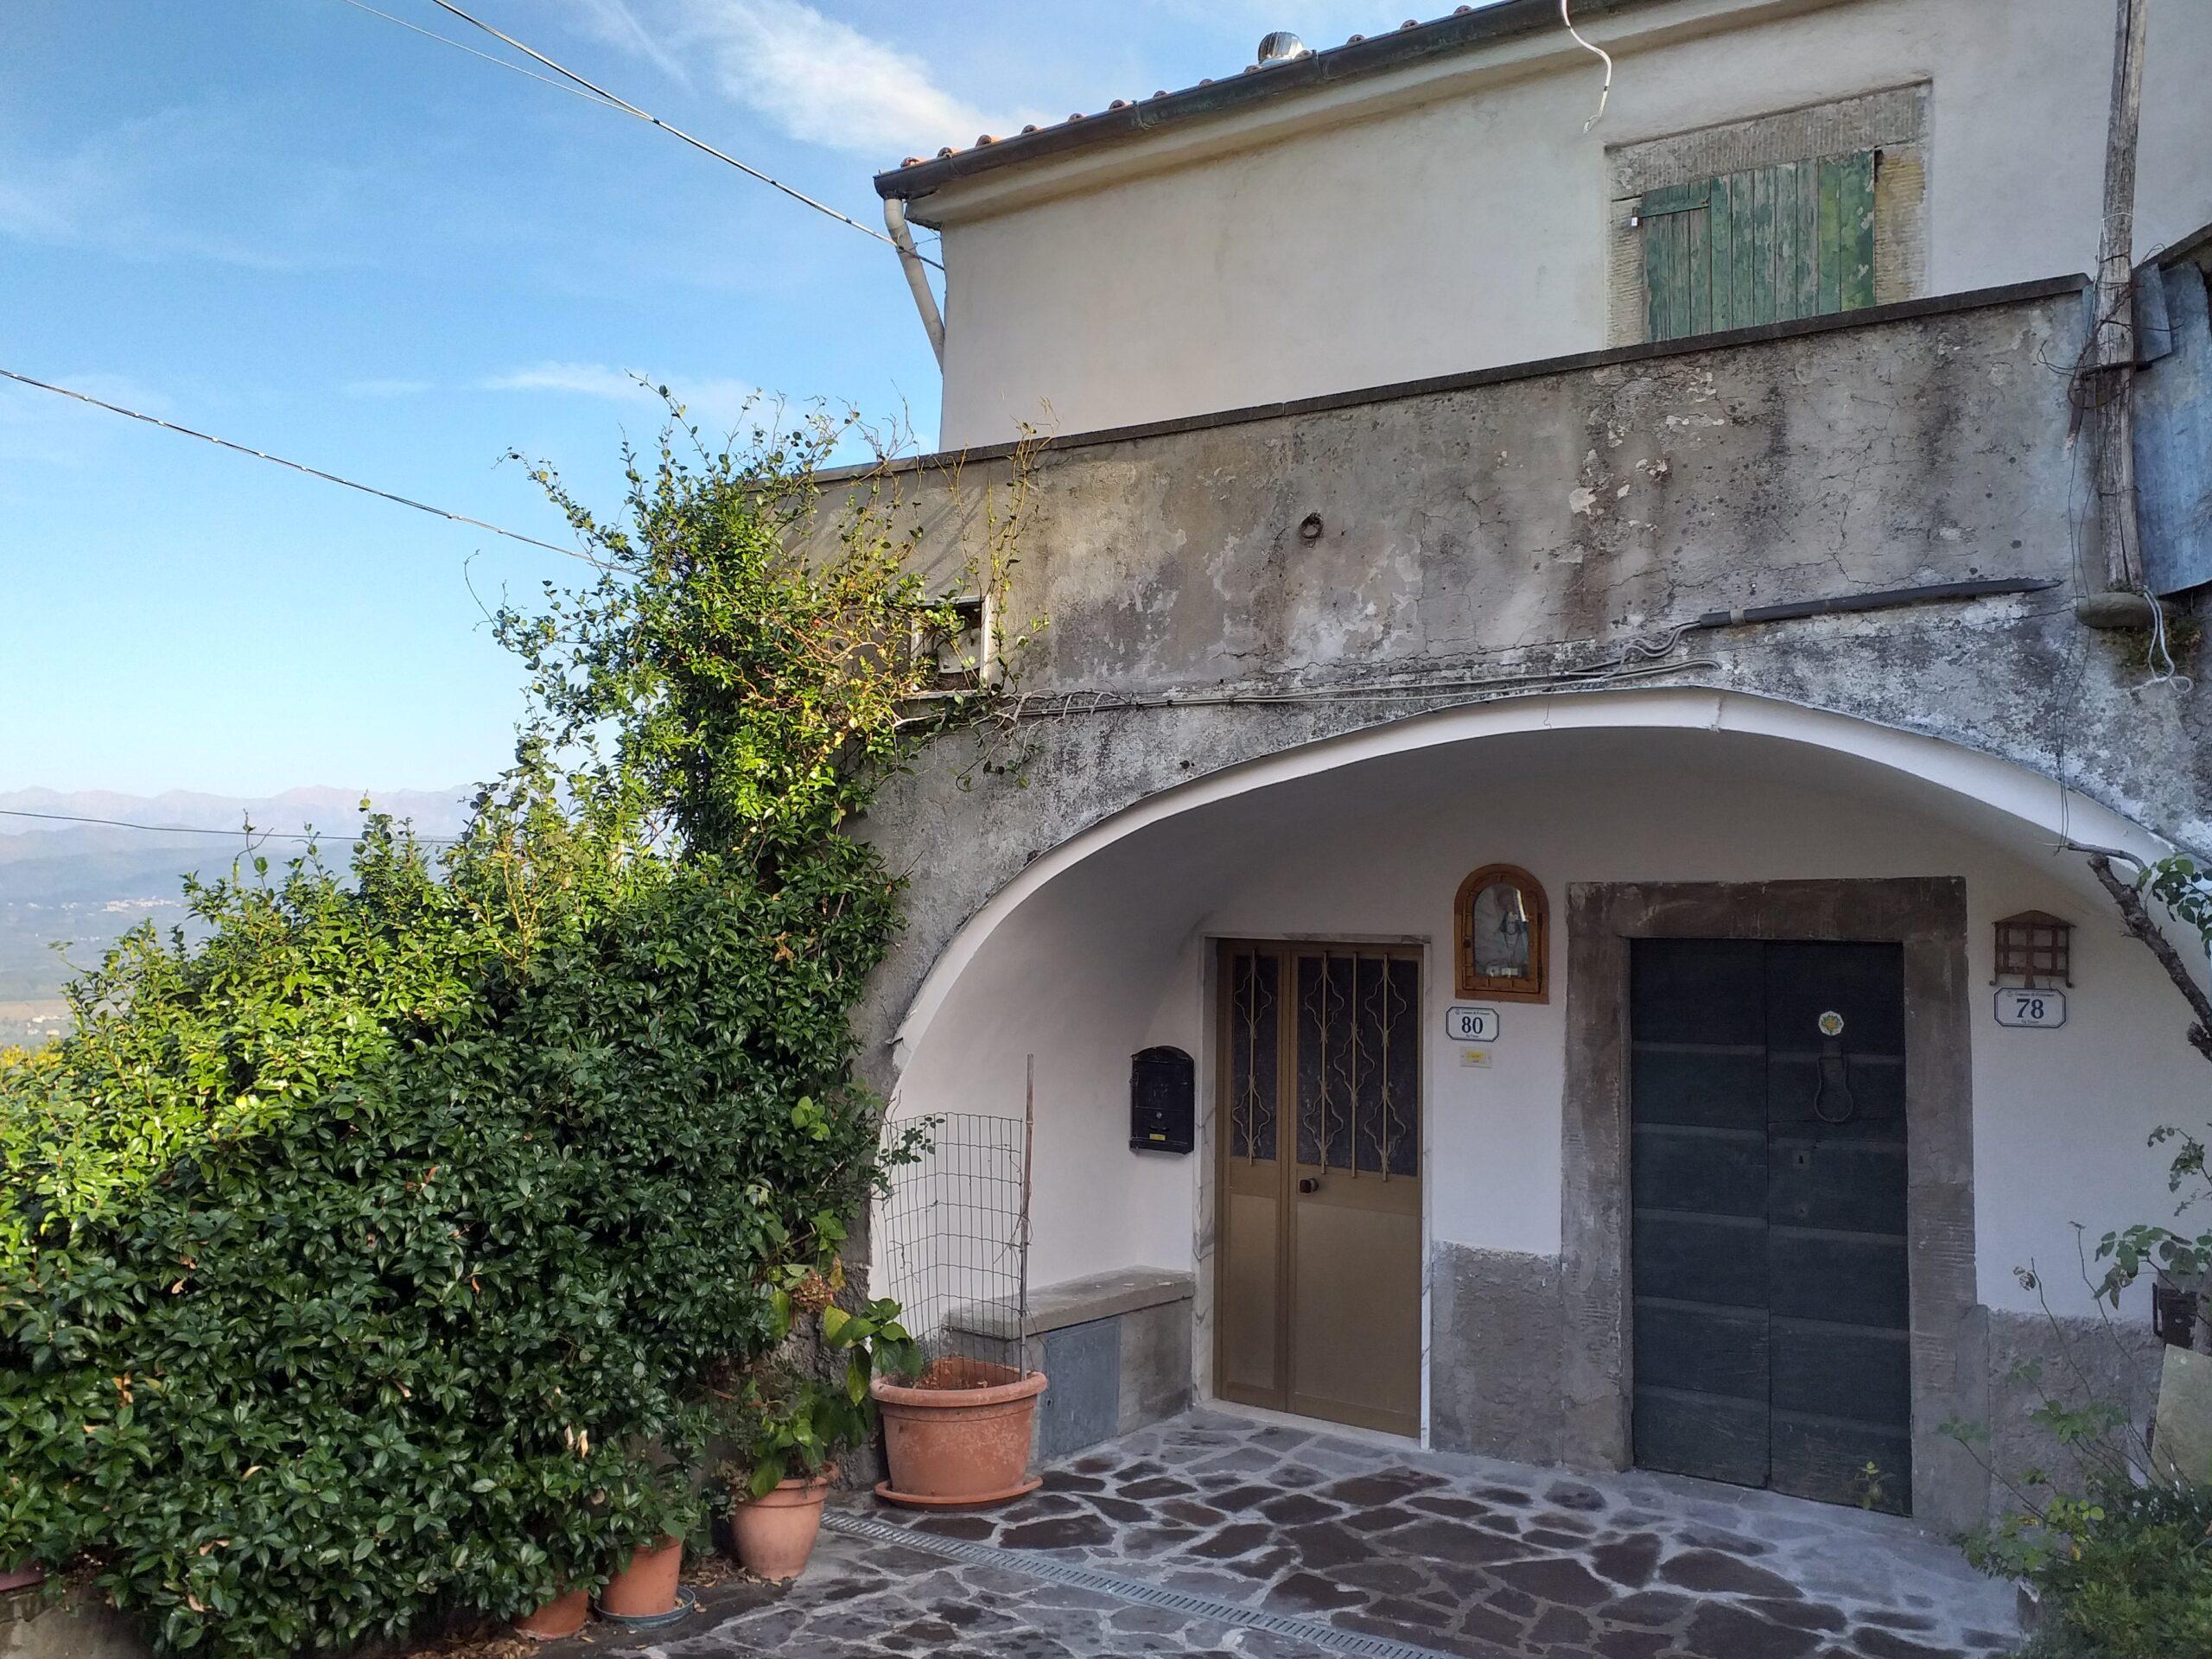 30 minuti dal mare – casa in pietra con giardino: Prezzo Fantastico  ref 2241